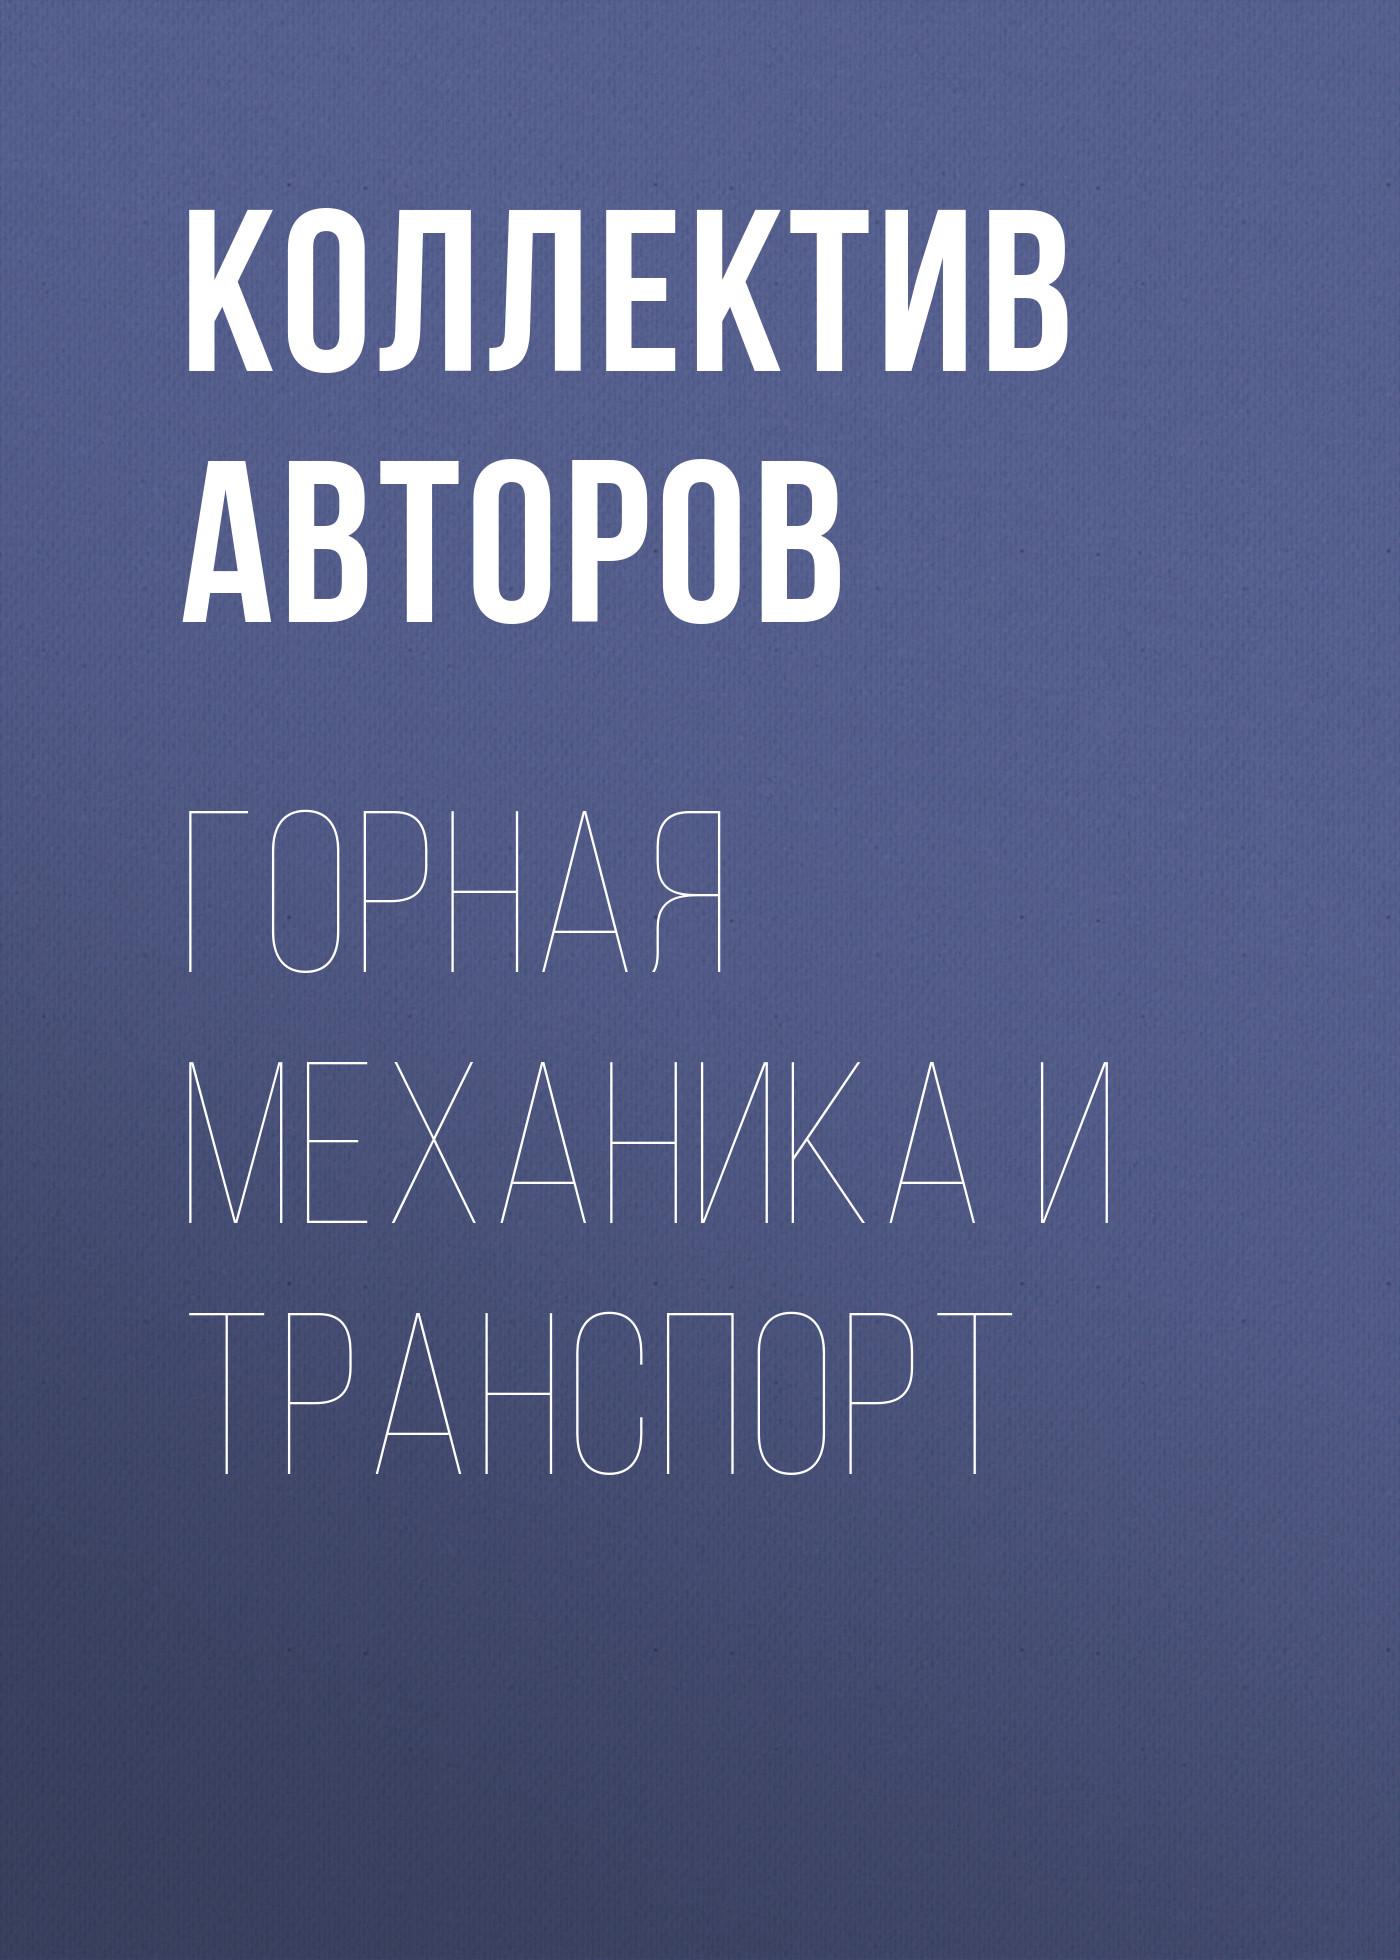 Коллектив авторов Горная механика и транспорт